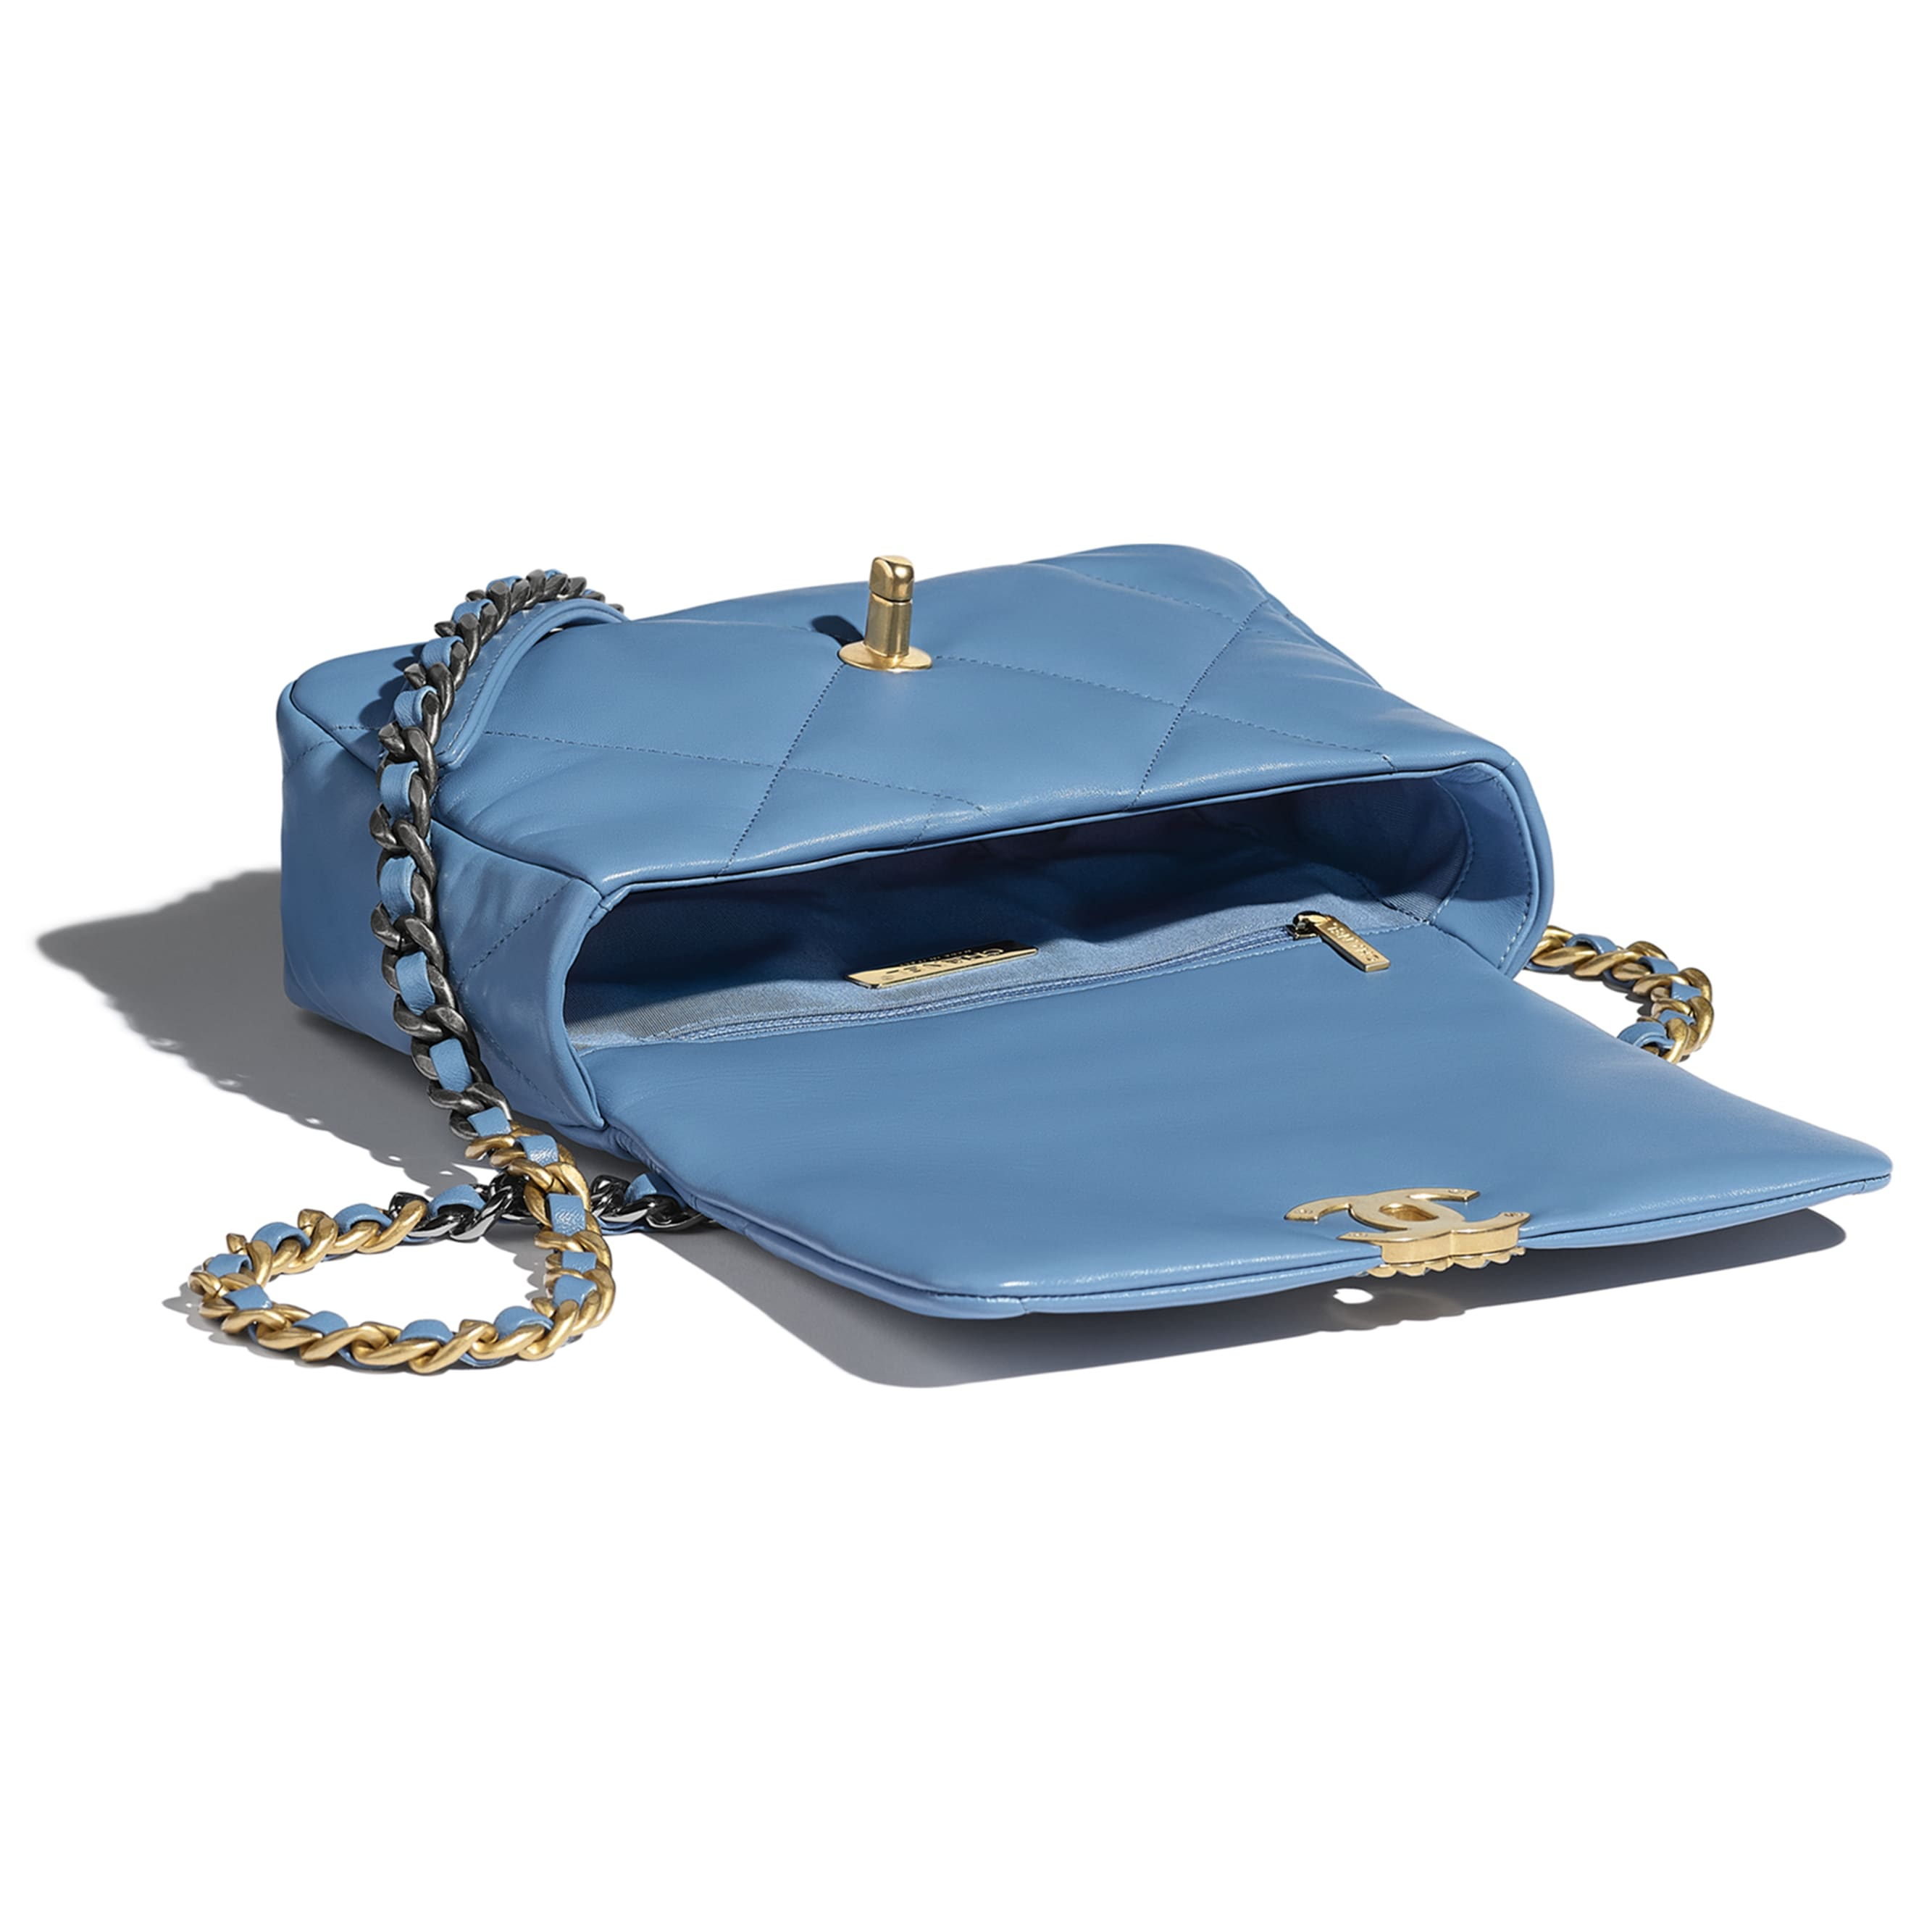 Bolsa CHANEL 19 - Azul - Couro de cordeiro, metal dourado, prateado & rutênio - CHANEL - Outra vista - ver a versão em tamanho standard